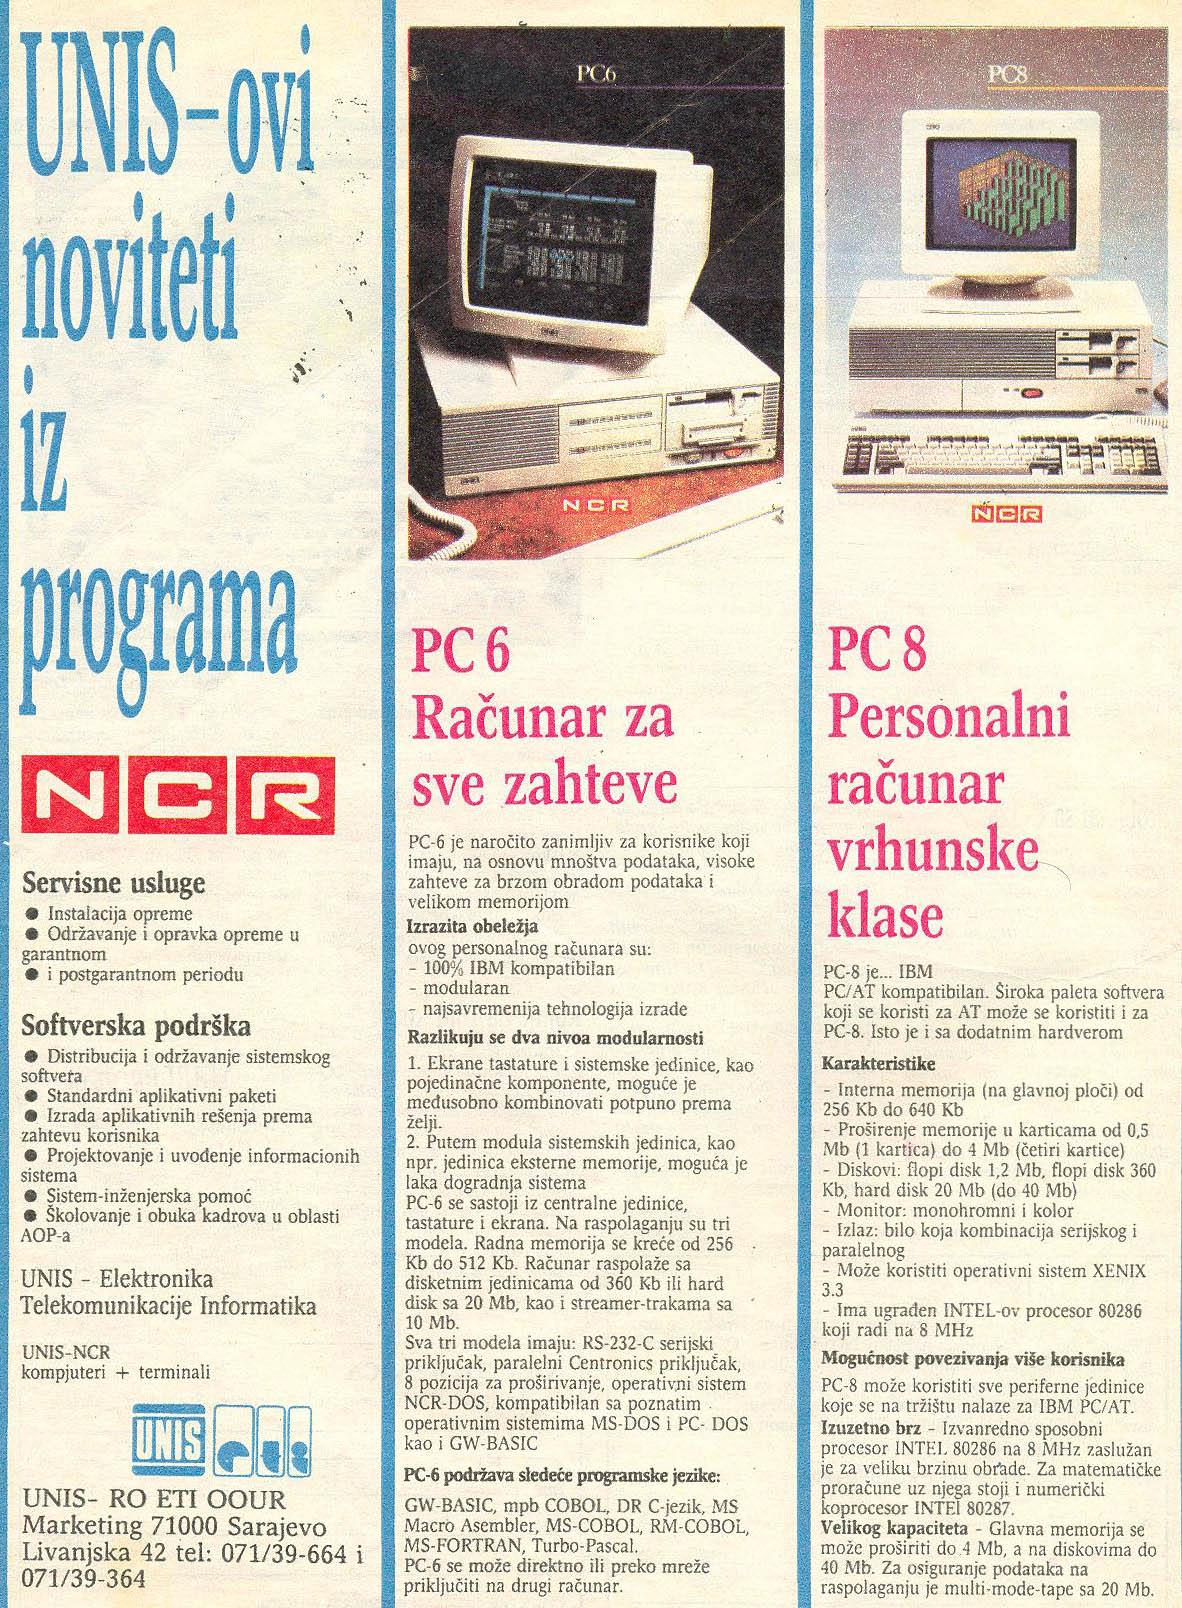 UNIS PC6, UNIS PC8